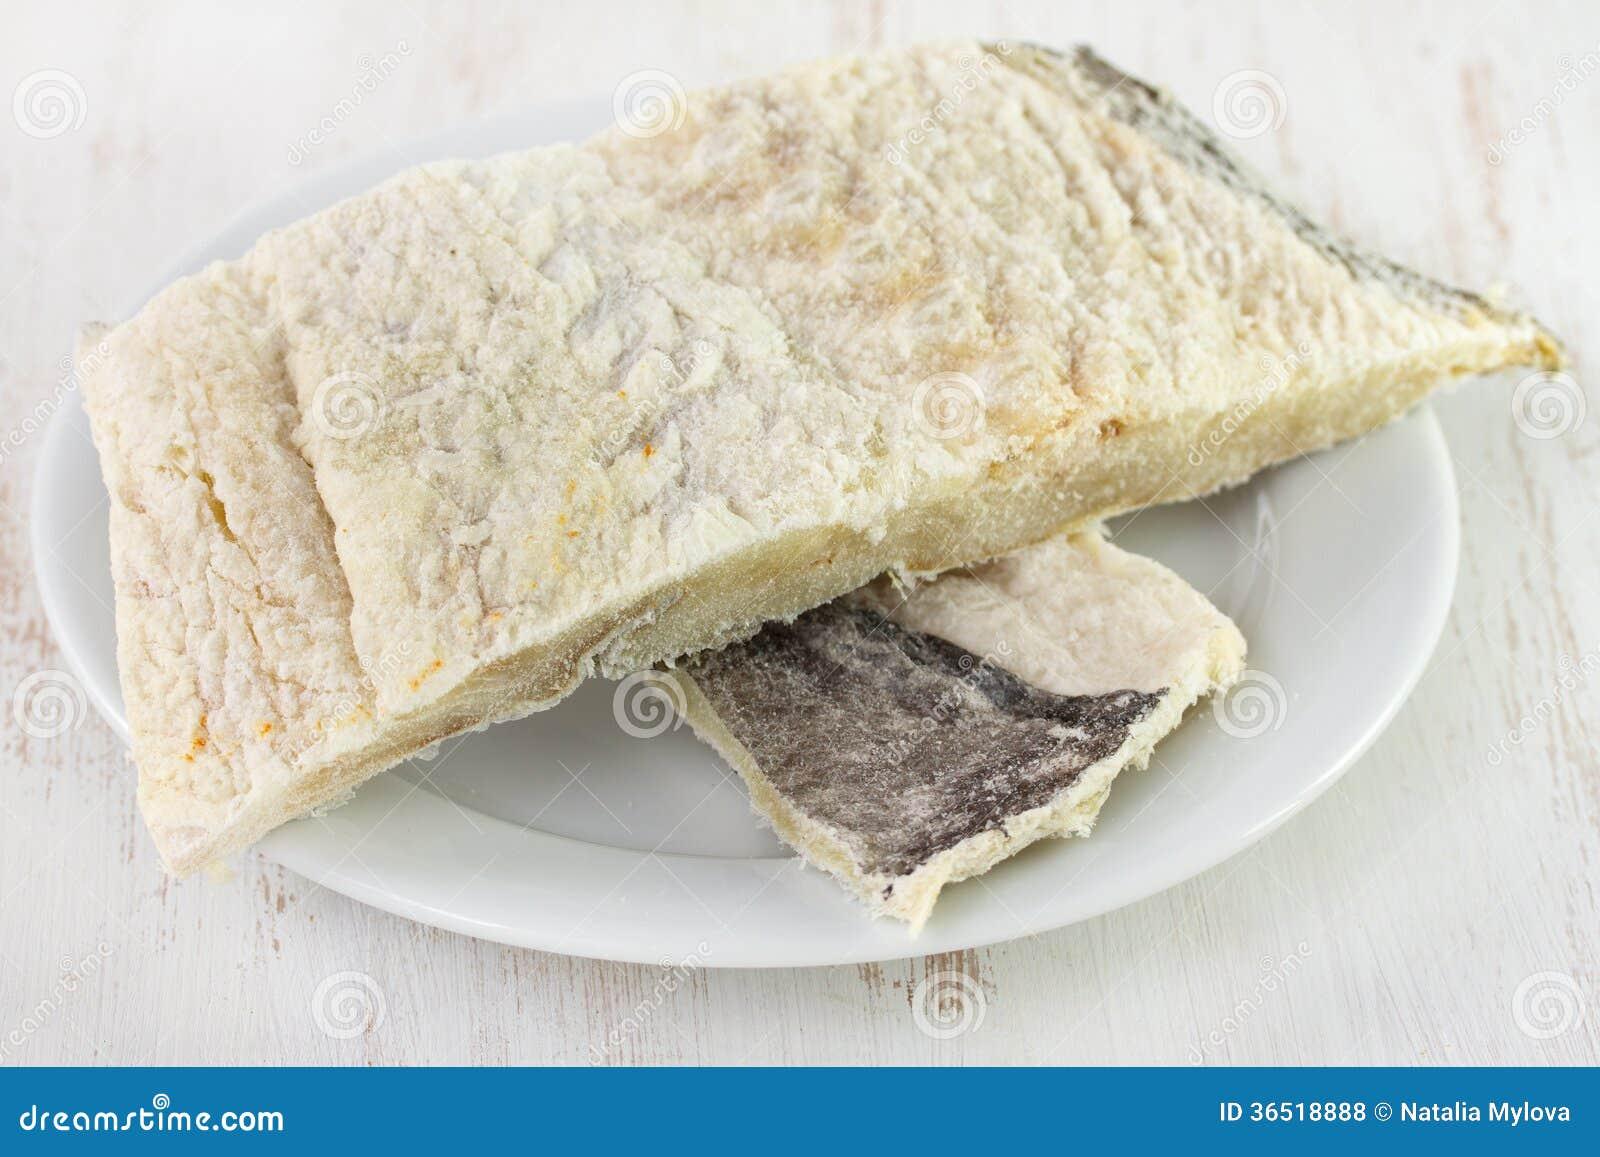 Gesalzene Fische auf weißer Platte